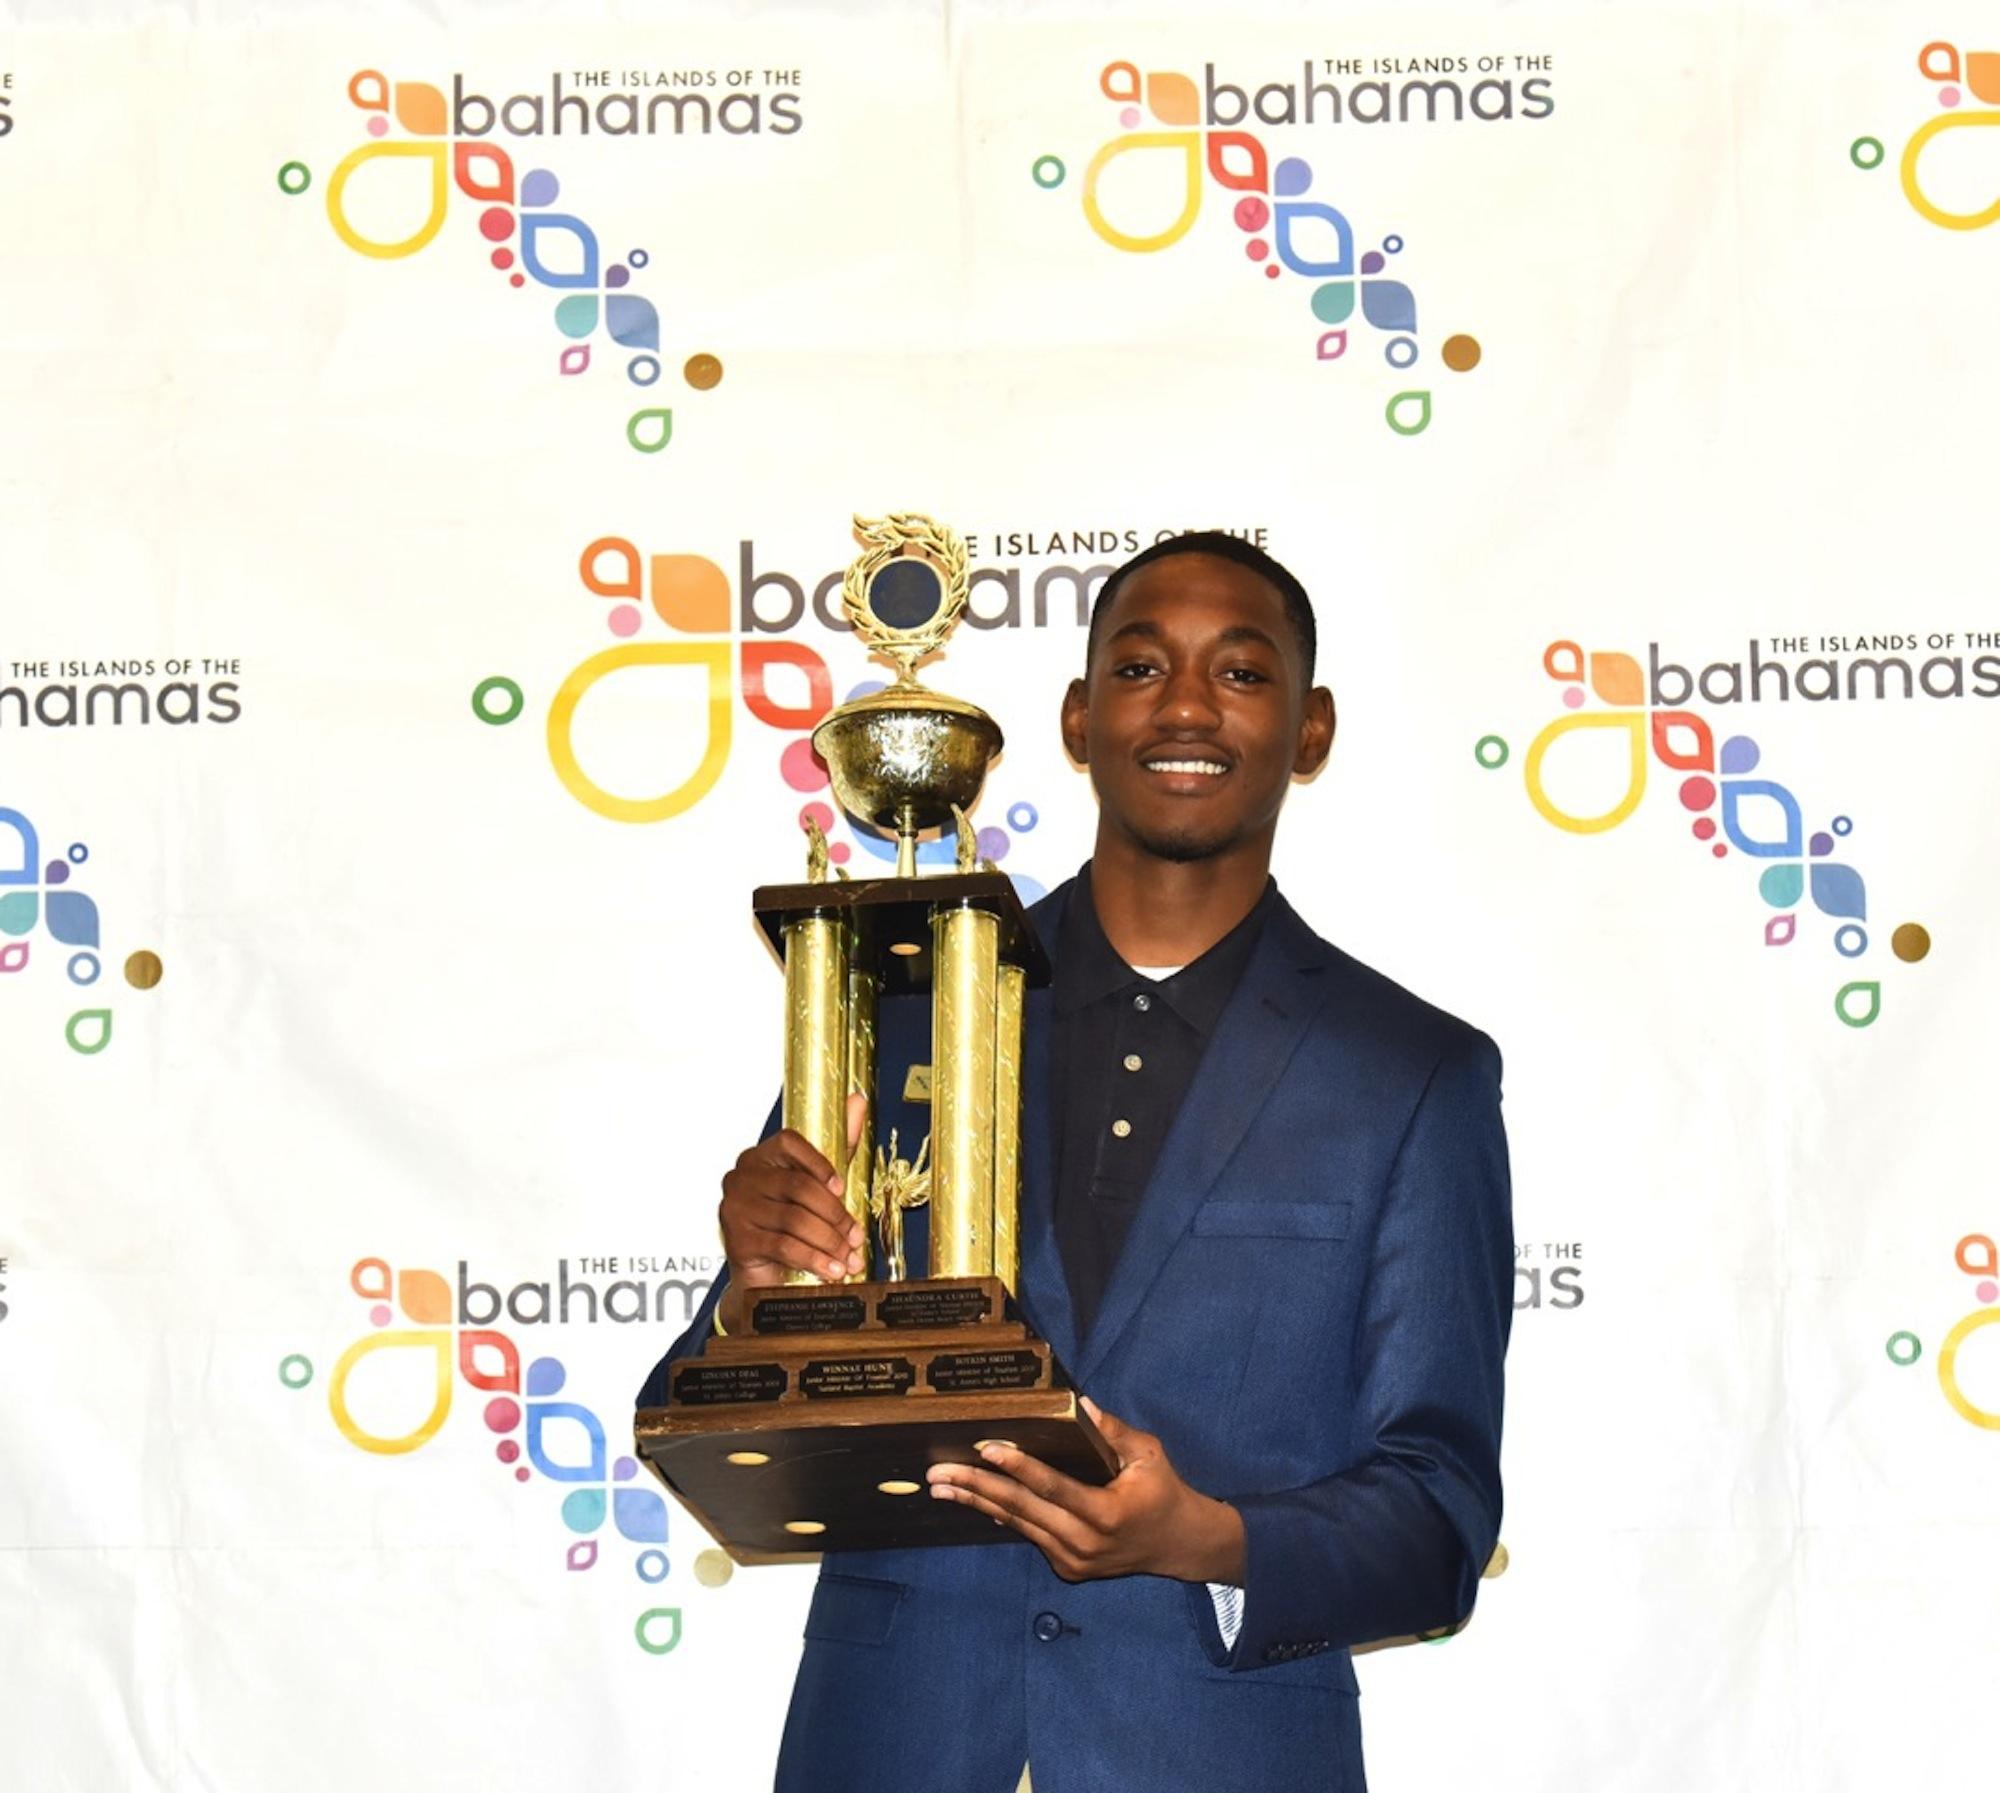 Denardo McDonald wins Junior Minister of Tourism speech competition